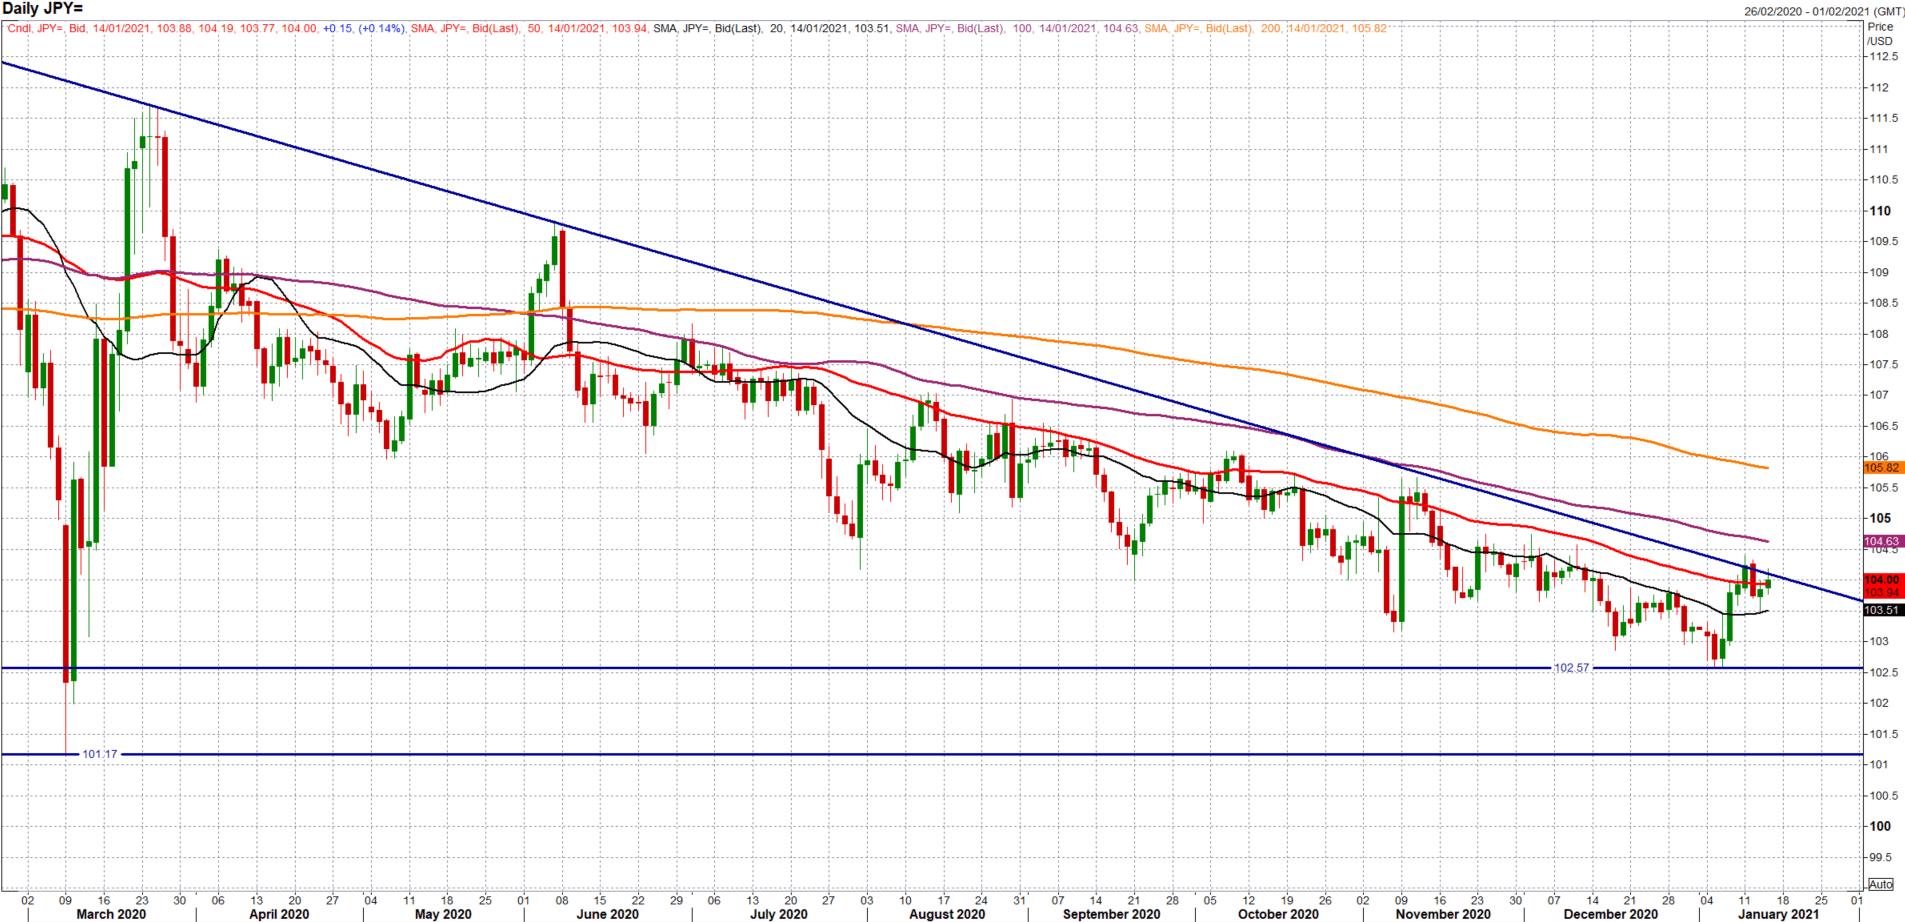 美元/日元涨至关键阻力位,拜登+鲍威尔讲话来袭,提前布局可关注这一支撑位!